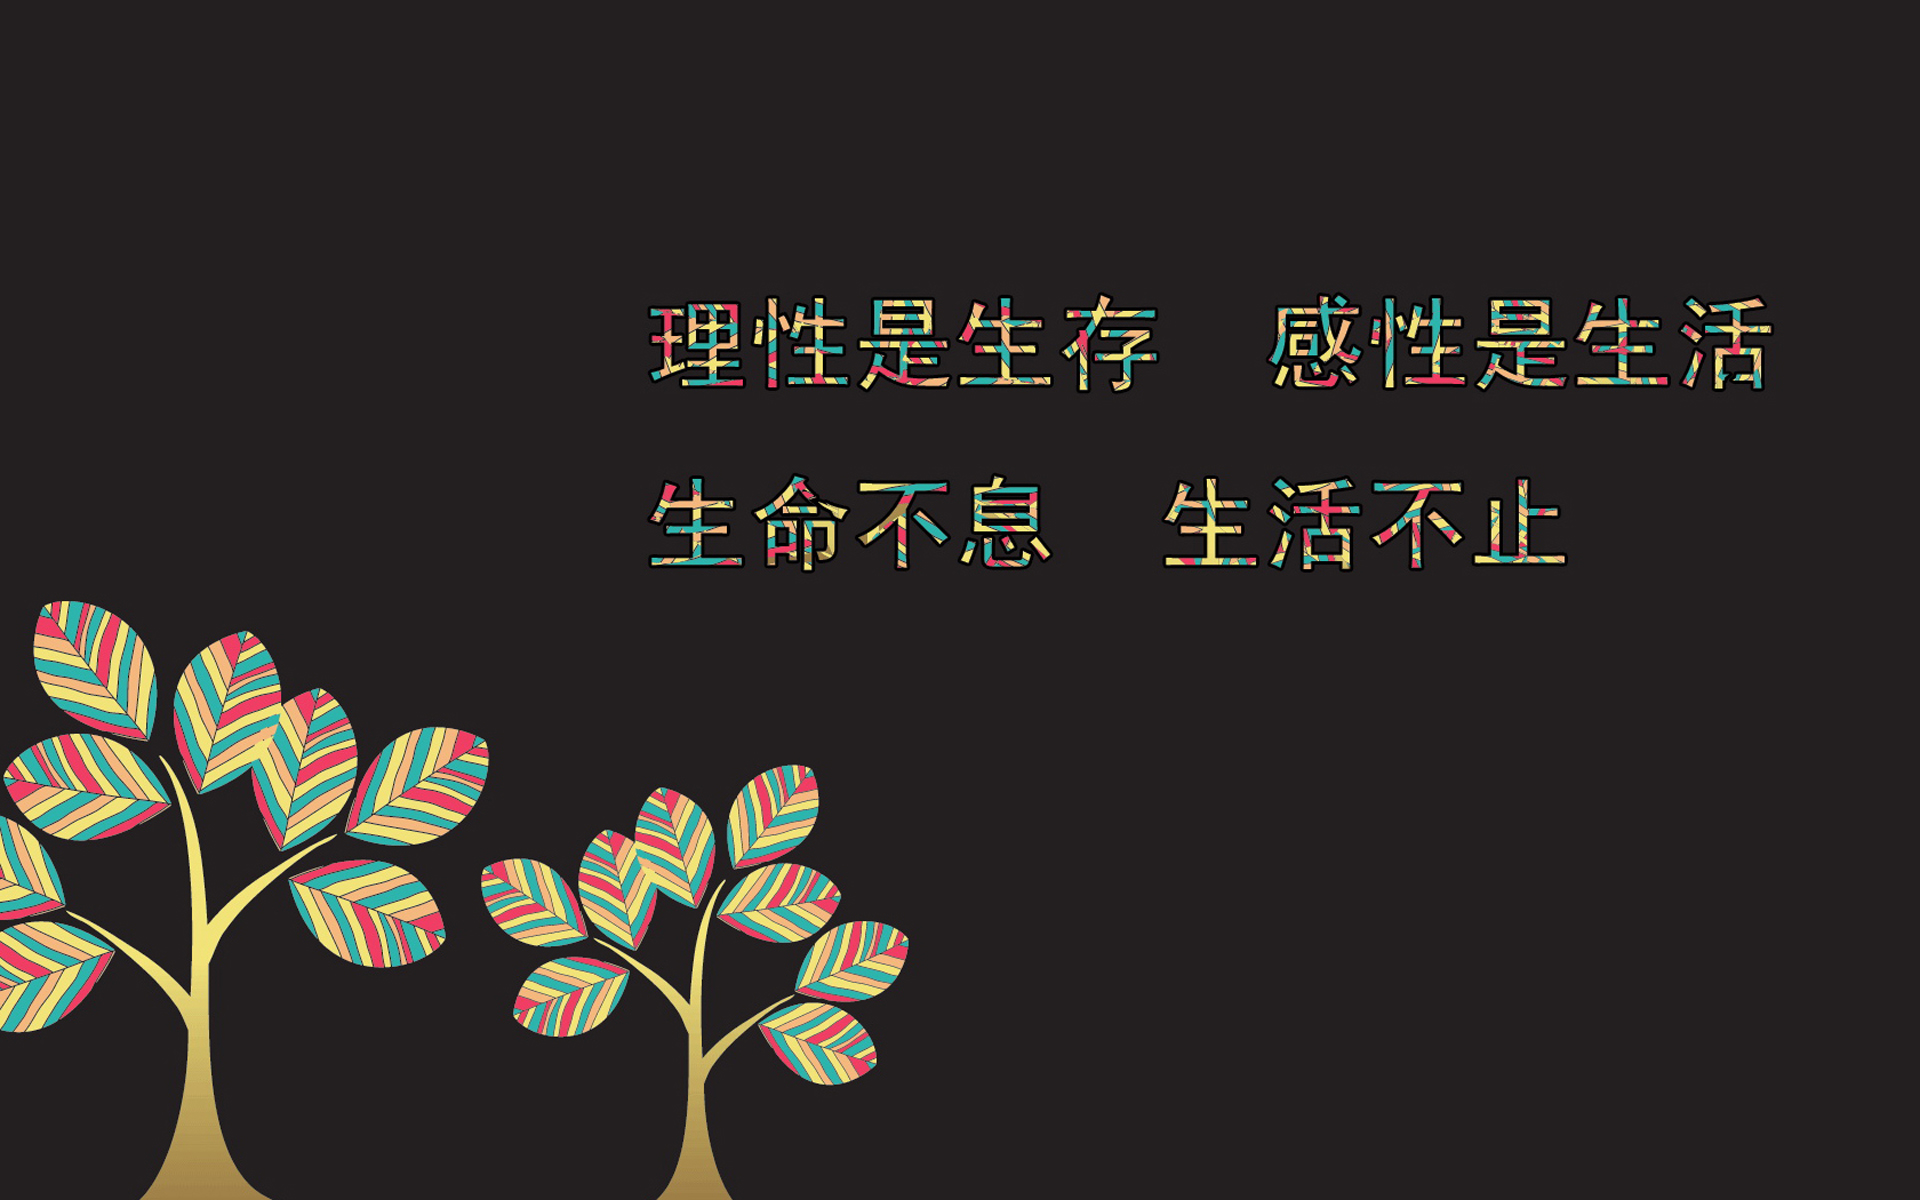 句句都充满希望正能量图片_文字图片_窝窝QQ网